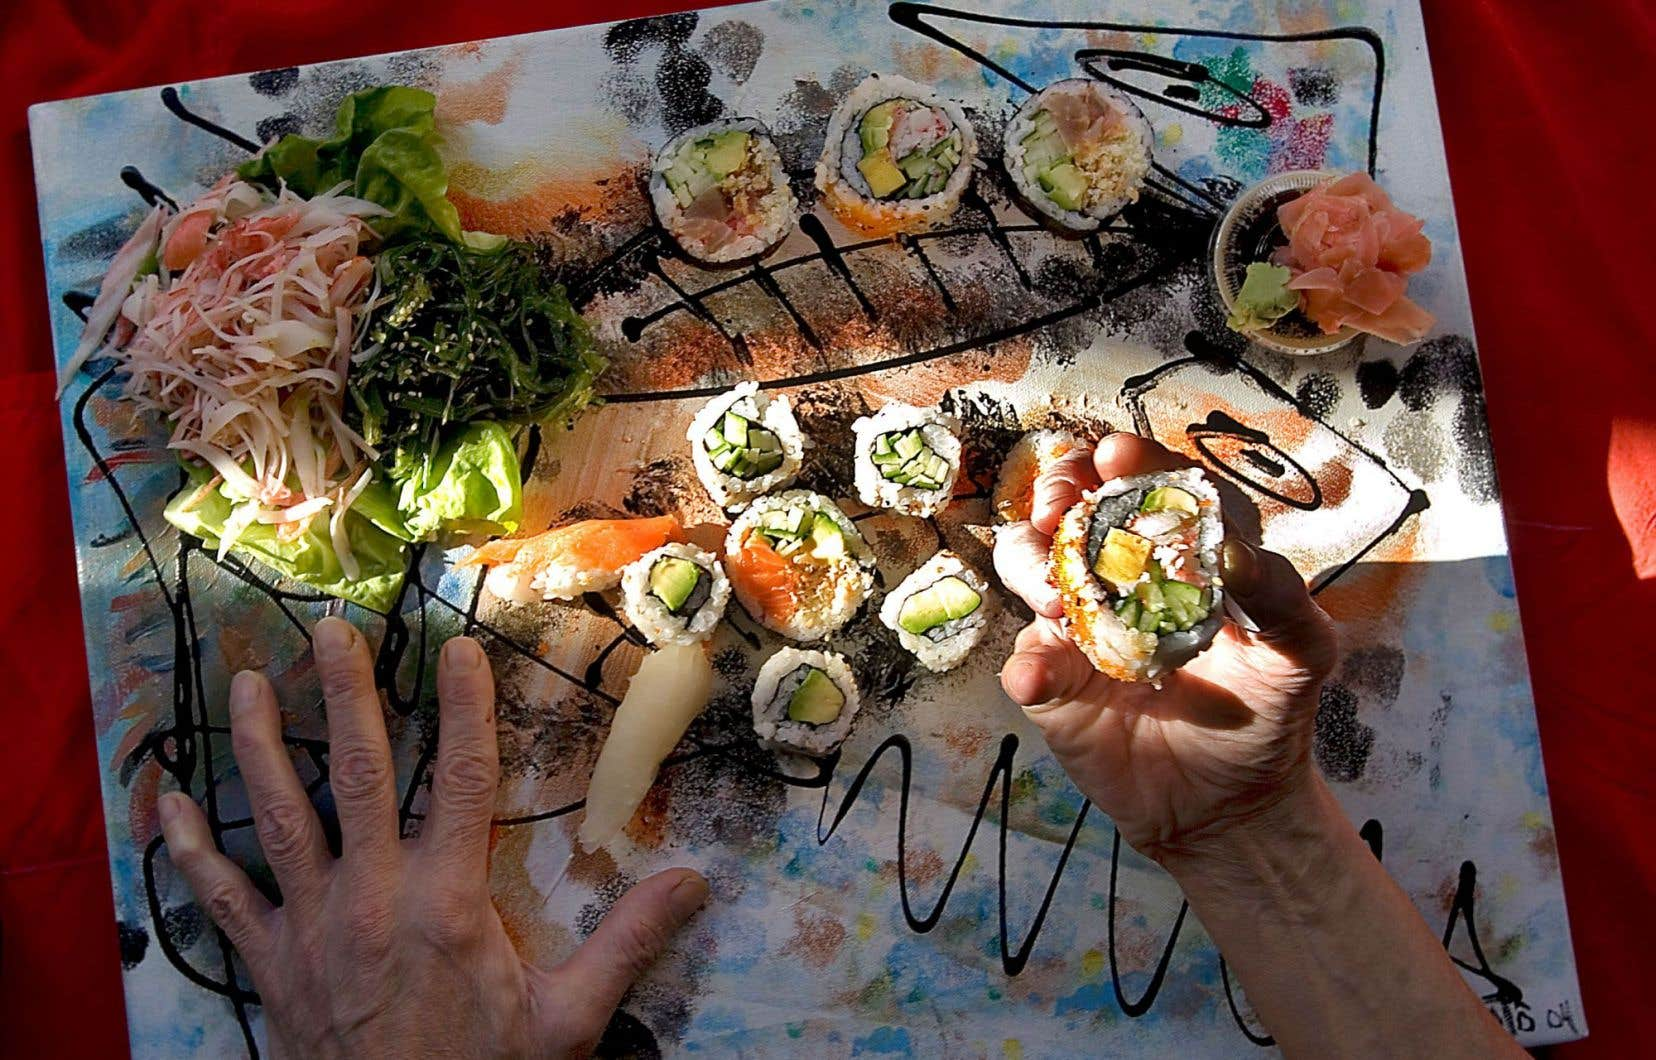 La présence de communautés d'Asie a fait en sorte que nous consommons plus de poissons et de mollusques, notamment crus, comme dans les sushis.